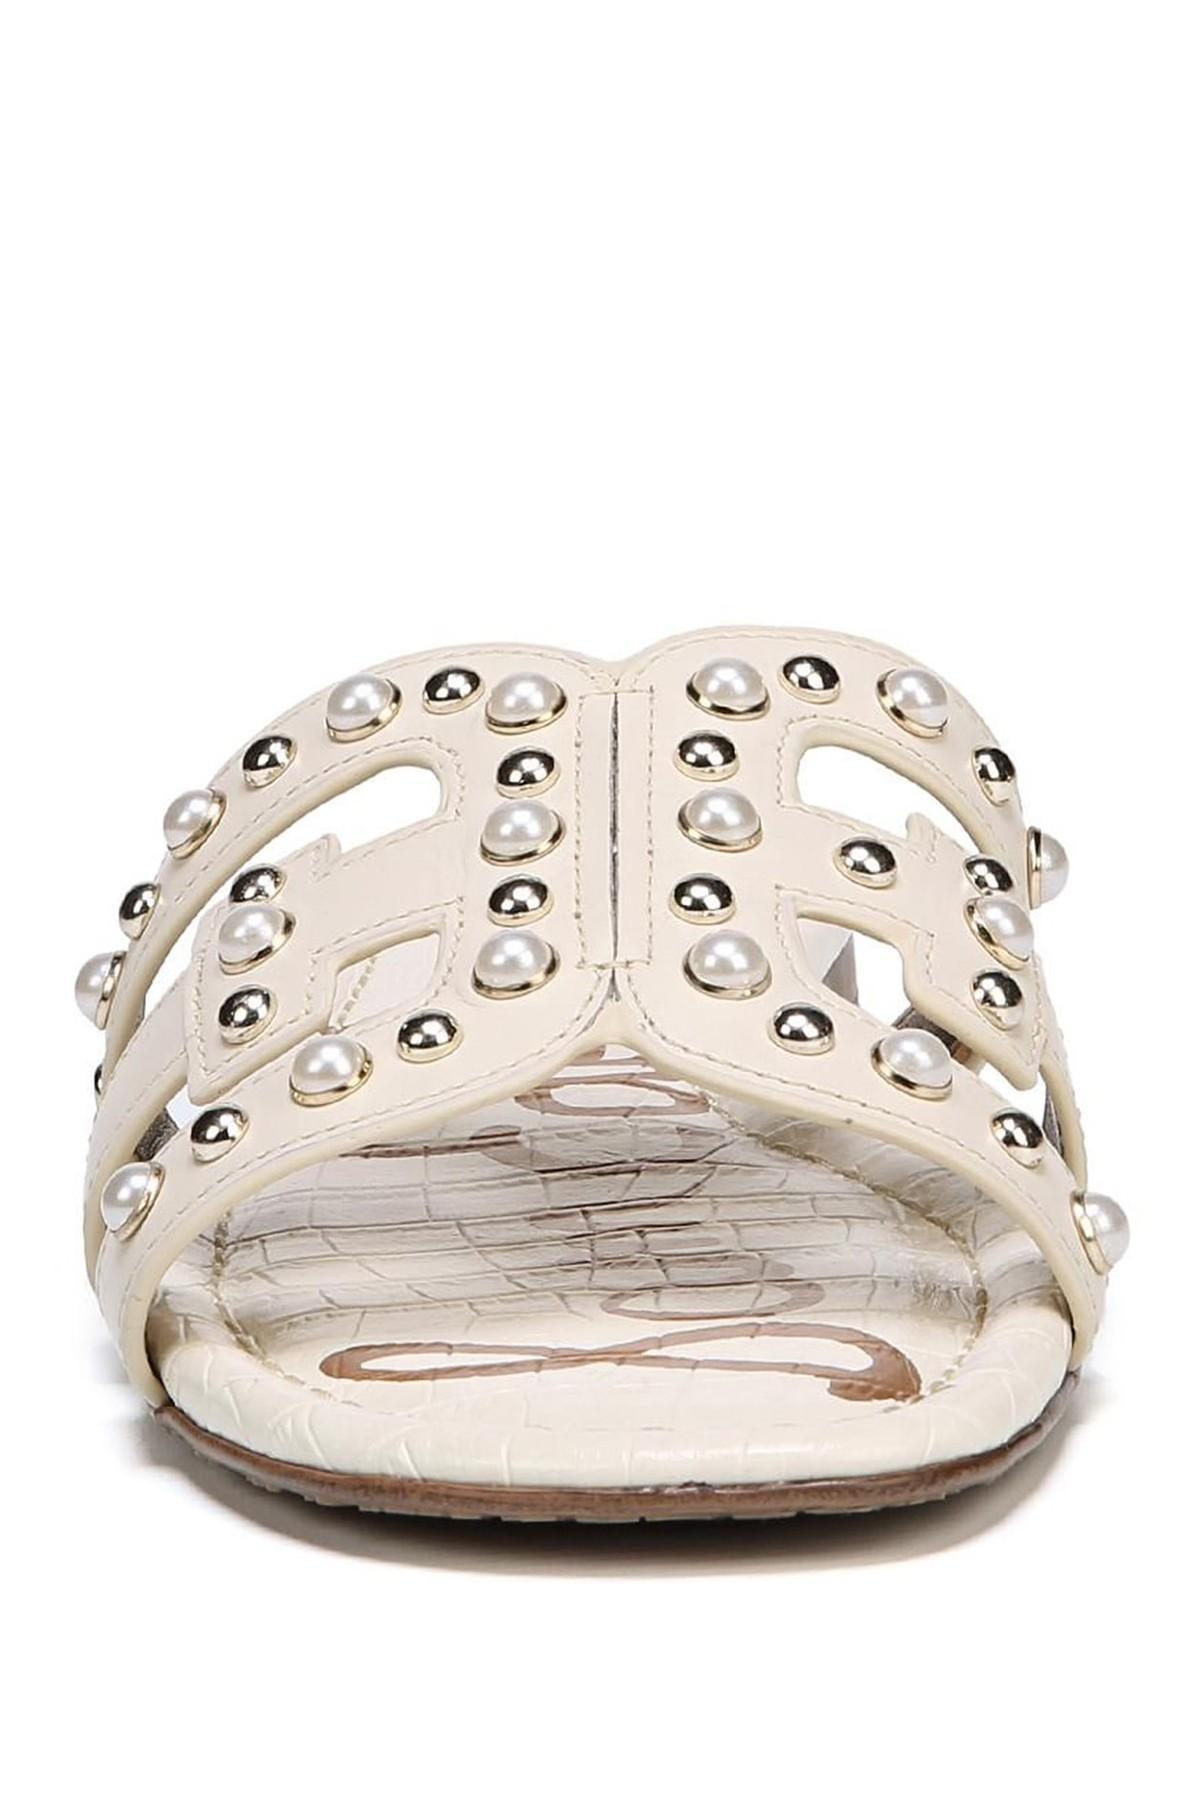 6d73fb40f381 Lyst - Sam Edelman Bay 2 Embellished Slide Sandal in White - Save 16%